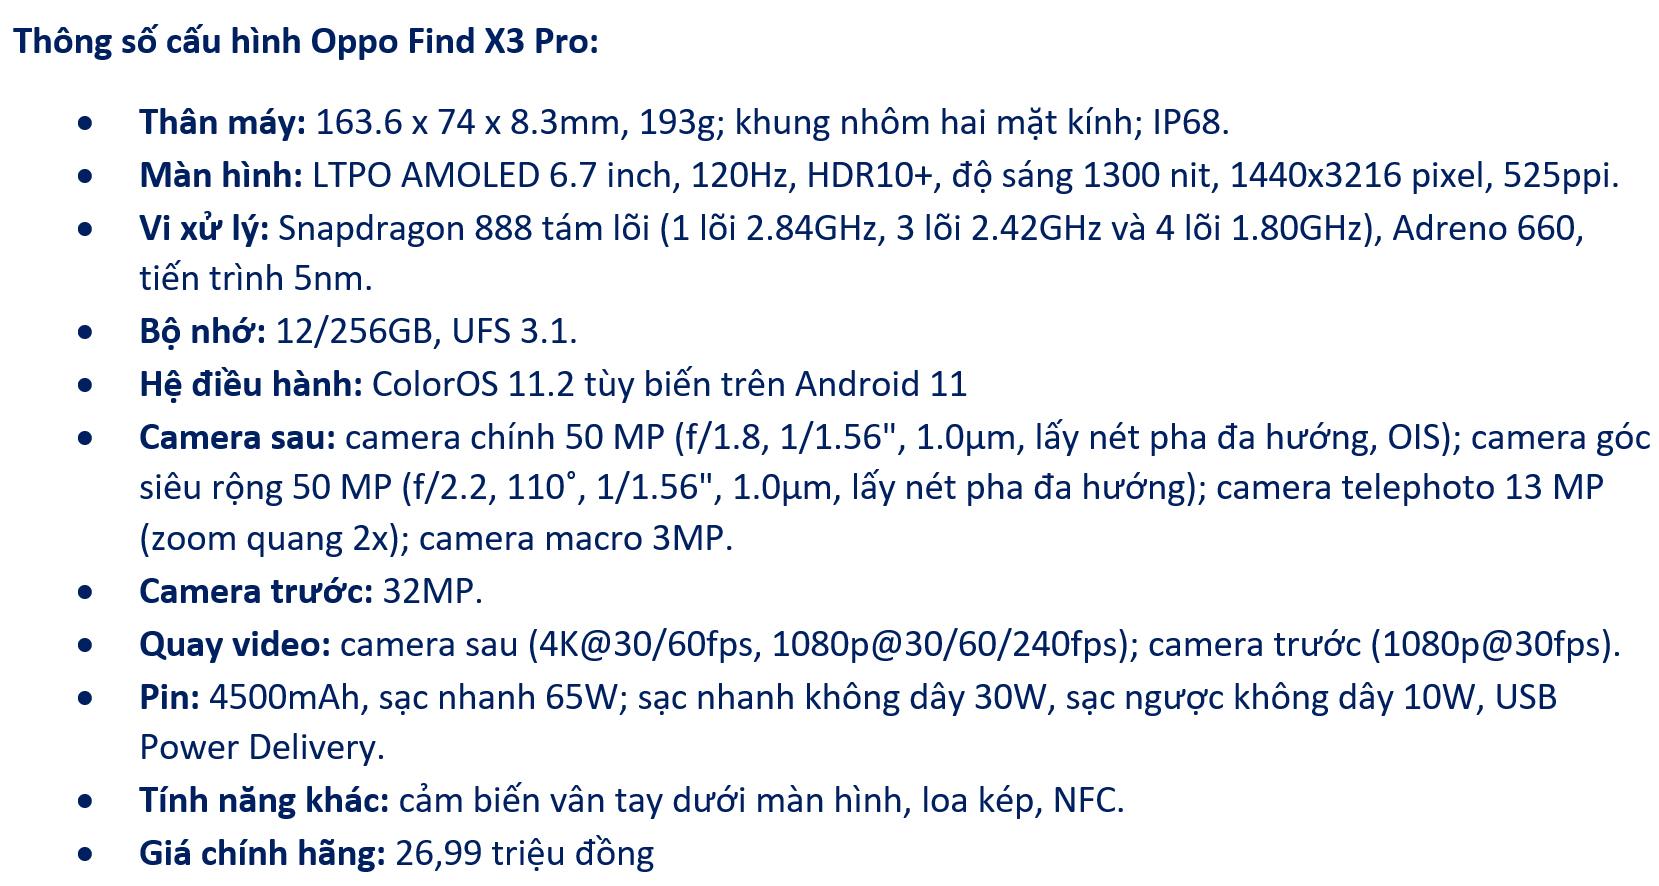 Đánh giá Oppo Find X3 Pro: flagship gần như toàn diện - VnReview 2020 1